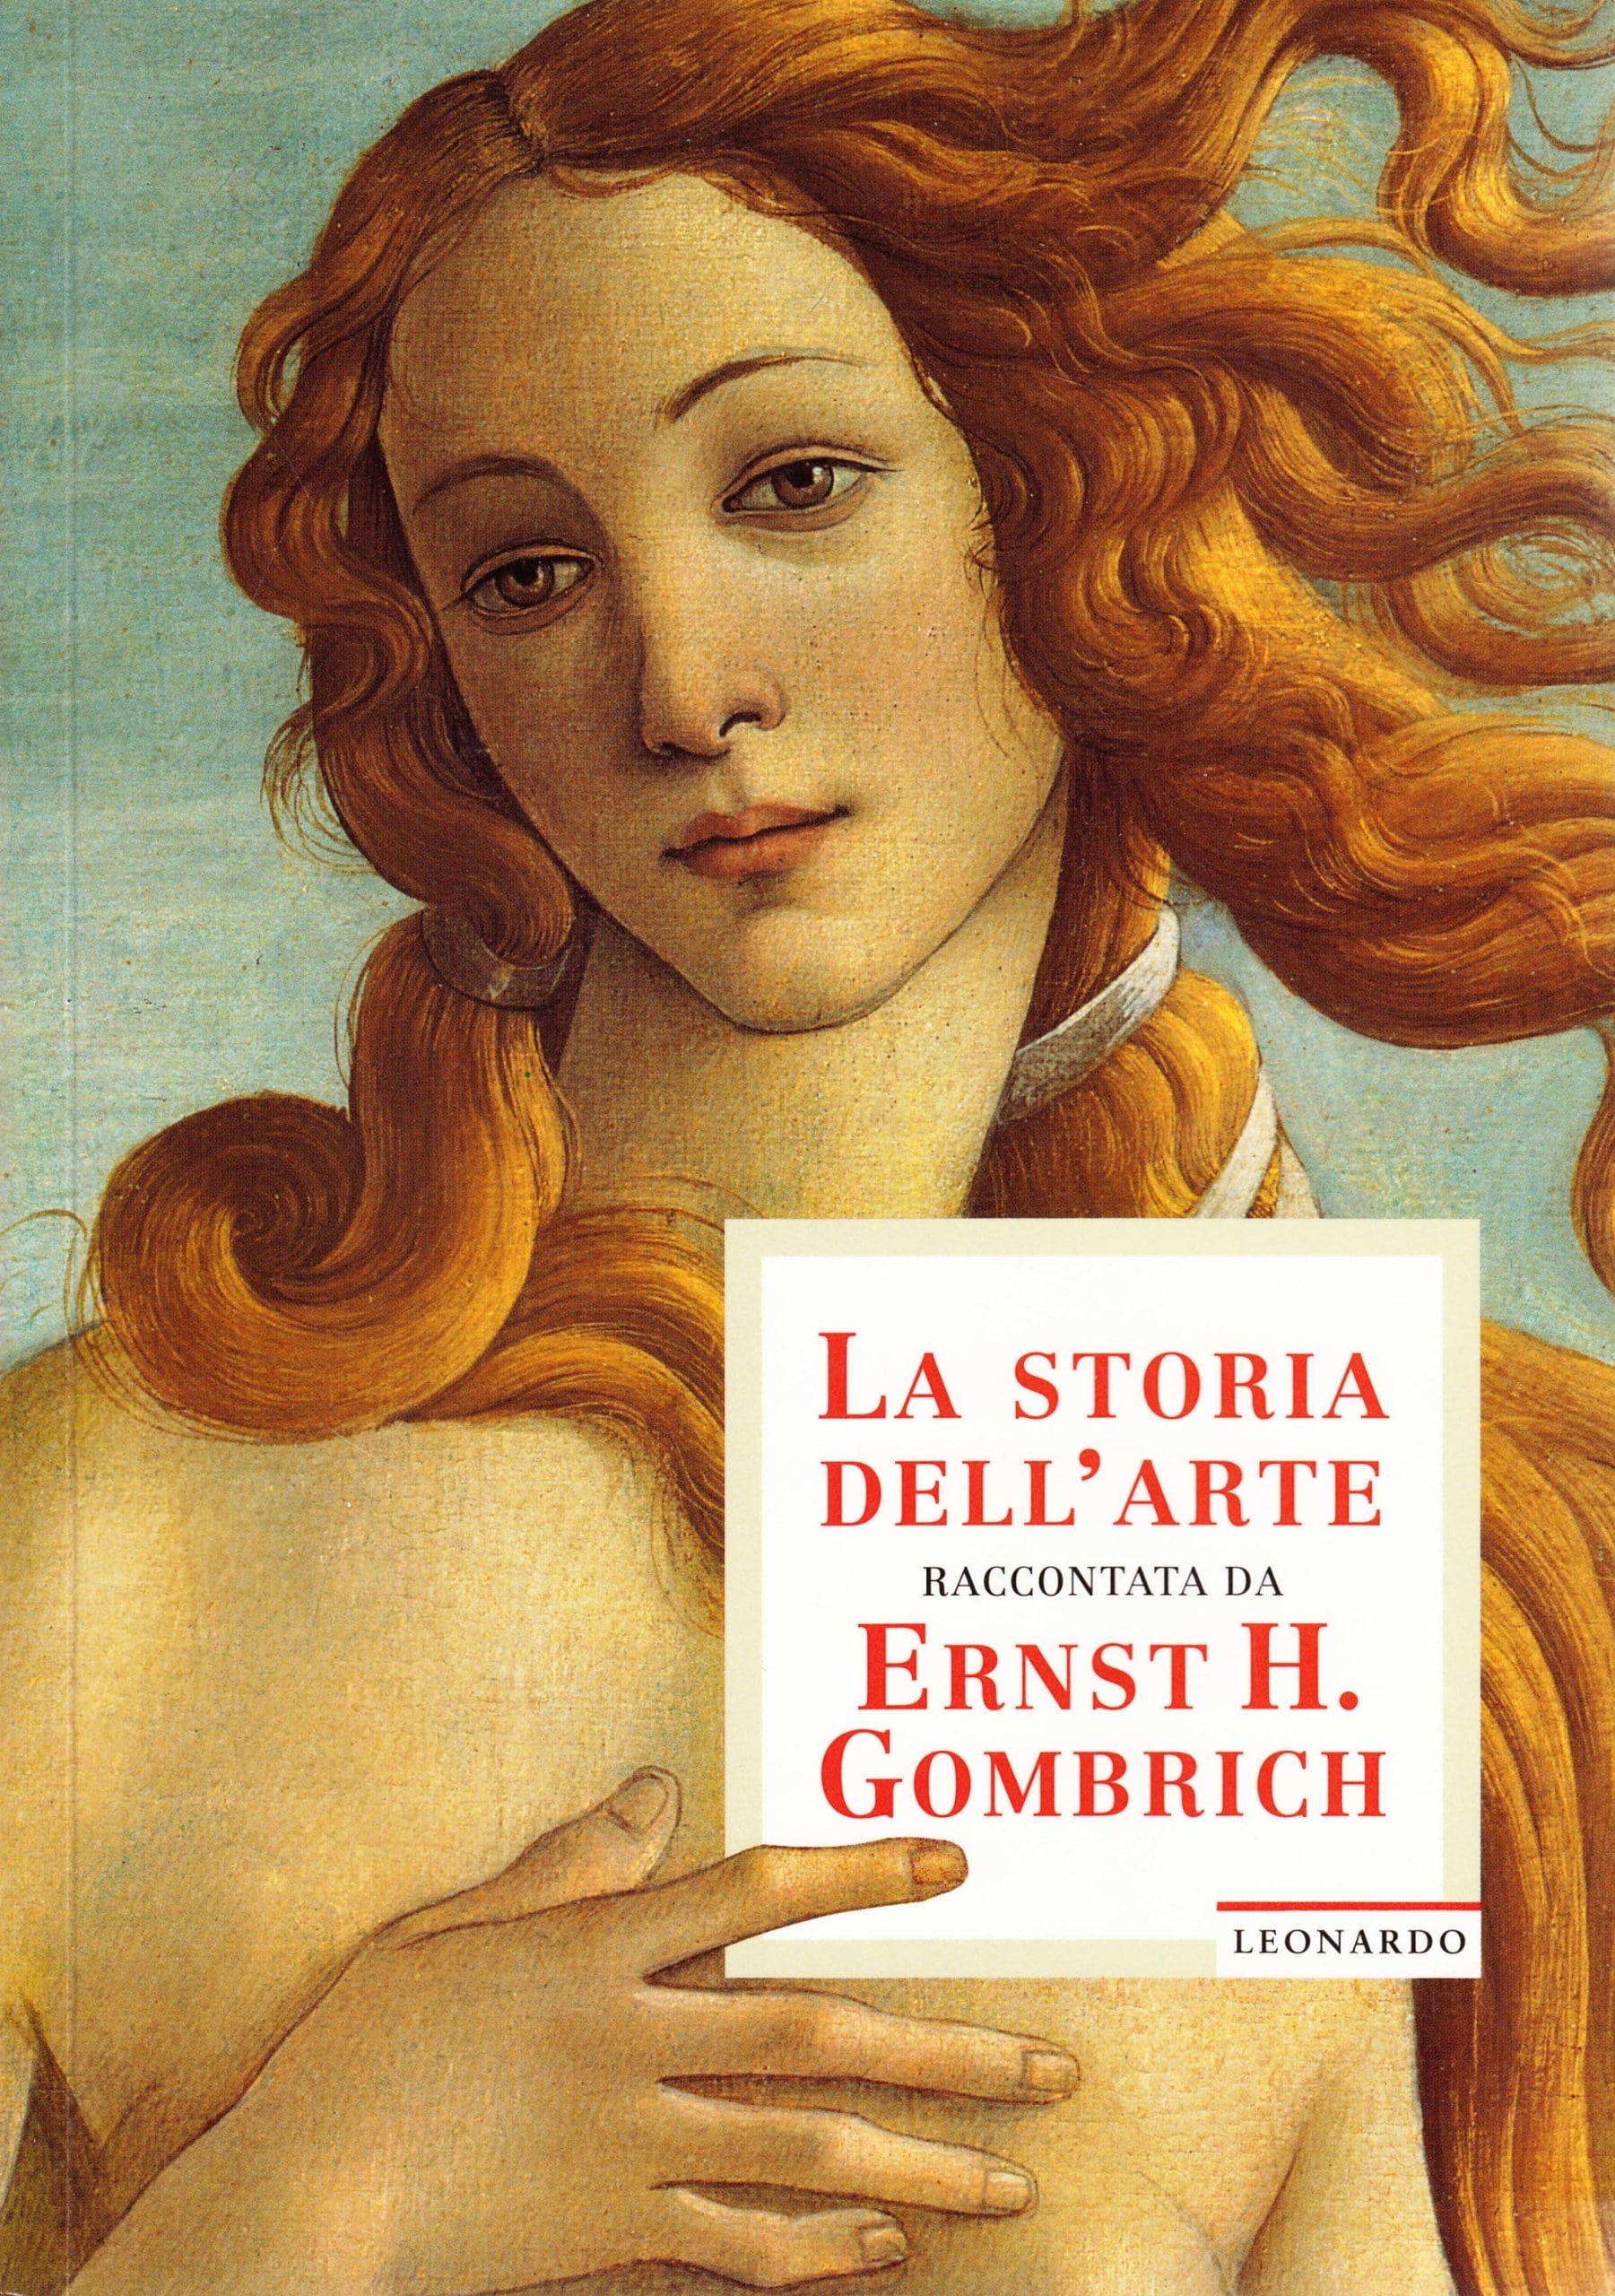 Copertina del libro La storia dell'Arte raccontata da Ernst H. Gombrich